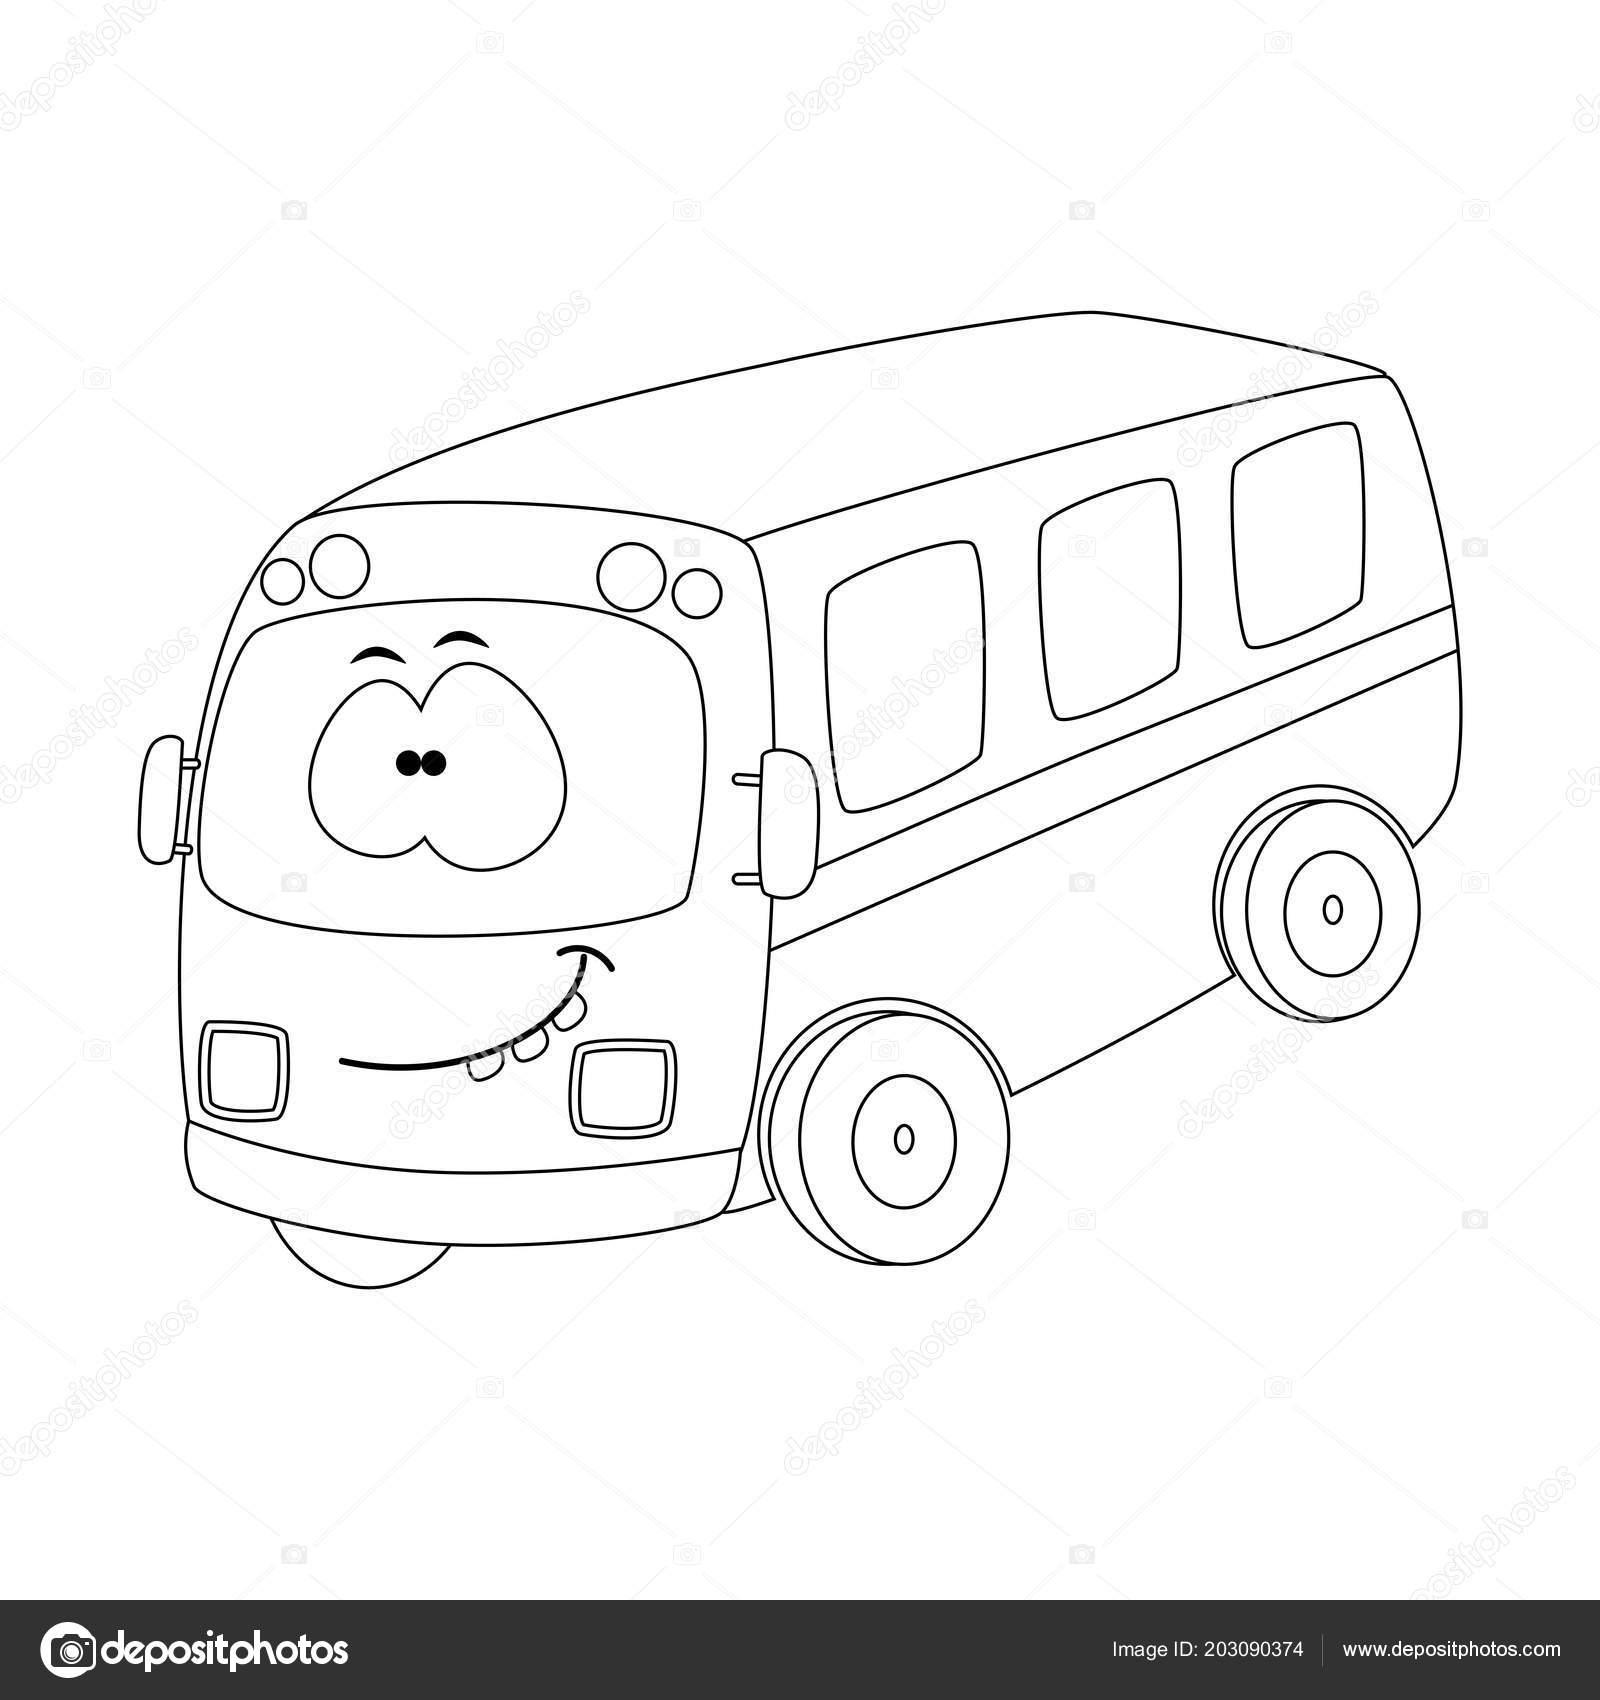 Renksiz Komik Karikatür Otobüs Vektör çizim Boyama Sayfası Stok